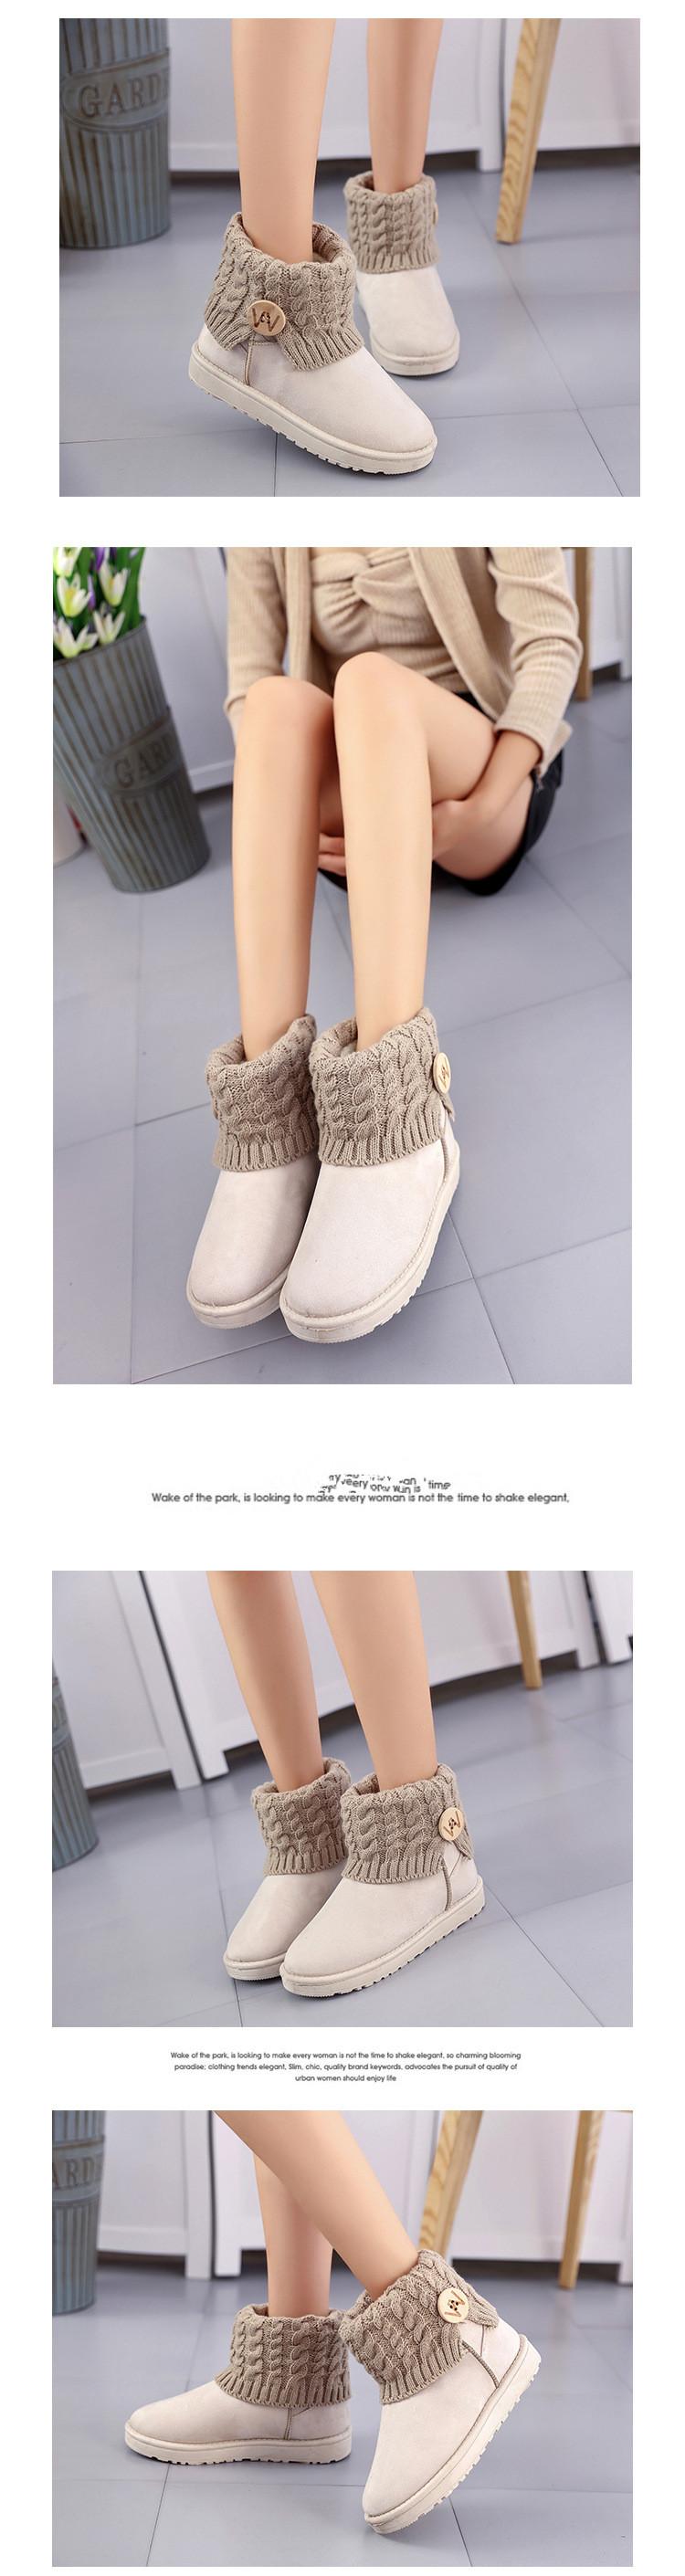 59d965acd25 Classic flat plush ankle boots for women Australia black causal fur cotton  snow boots Button warm women winter shoes NBT1068